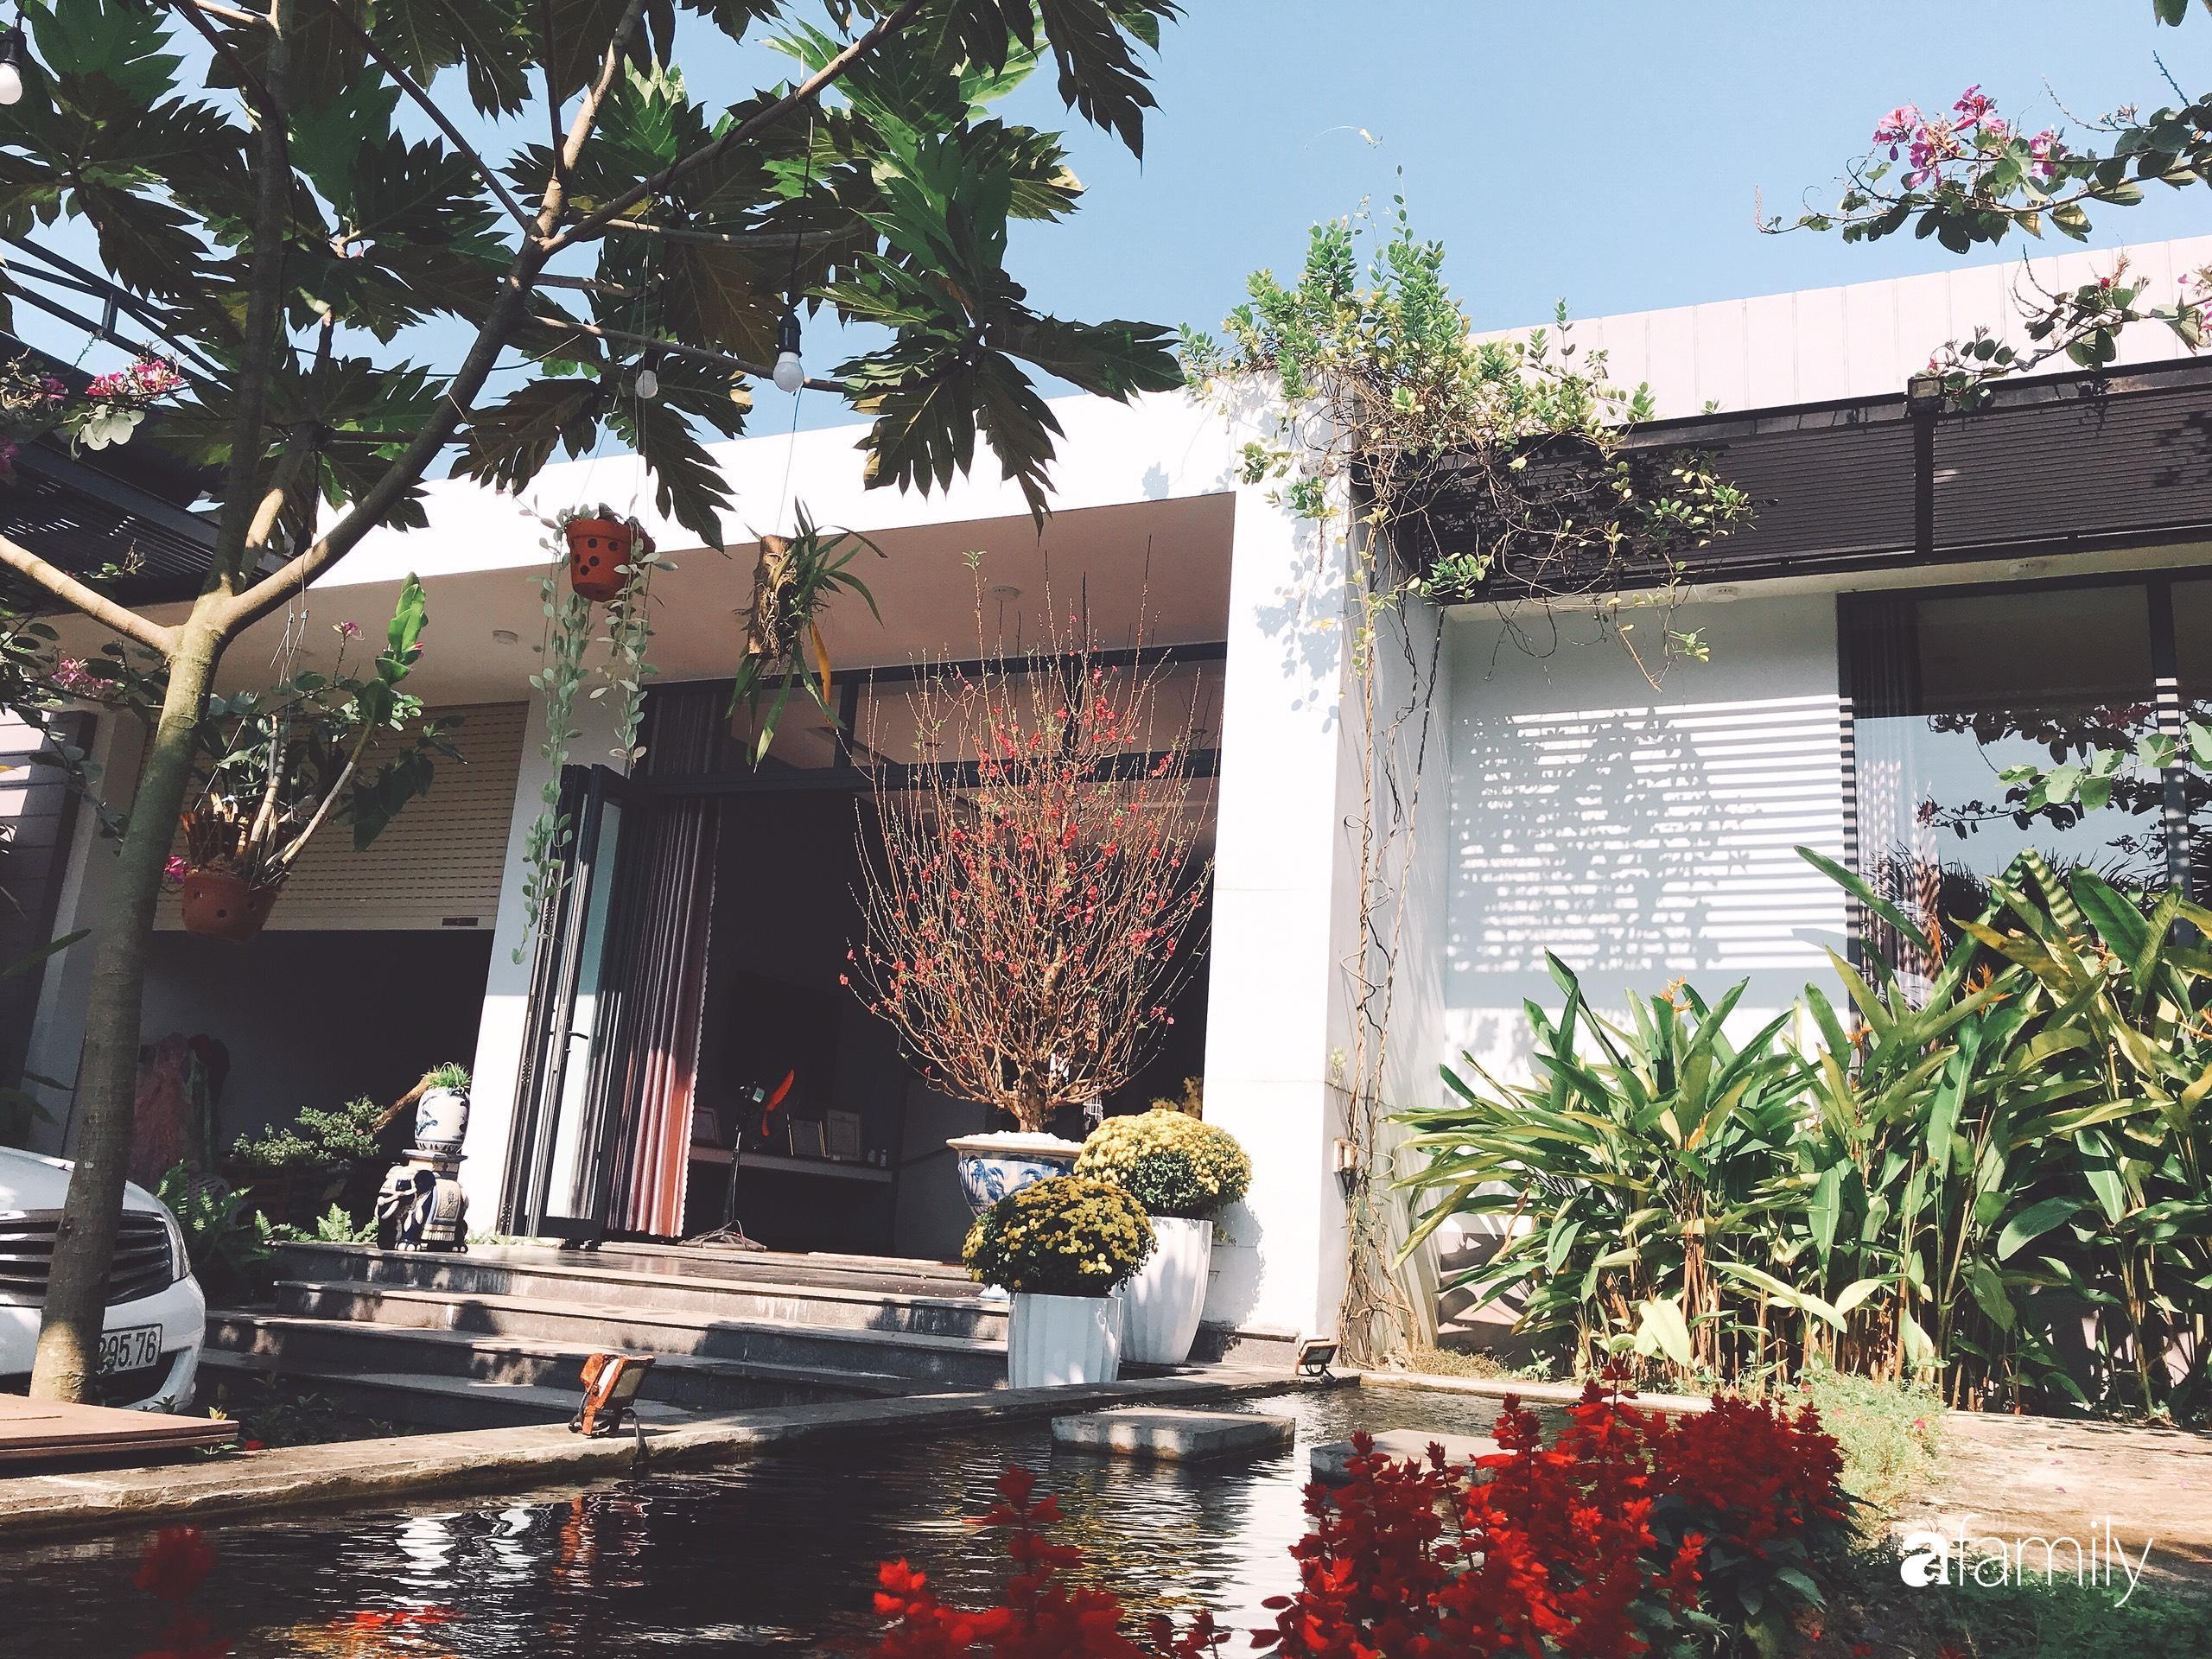 Chàng sinh viên kiến trúc tự decor vườn 200m² với cây xanh và ao cá cho gia đình 4 thế hệ ở ngoại ô Đà Nẵng - Ảnh 2.